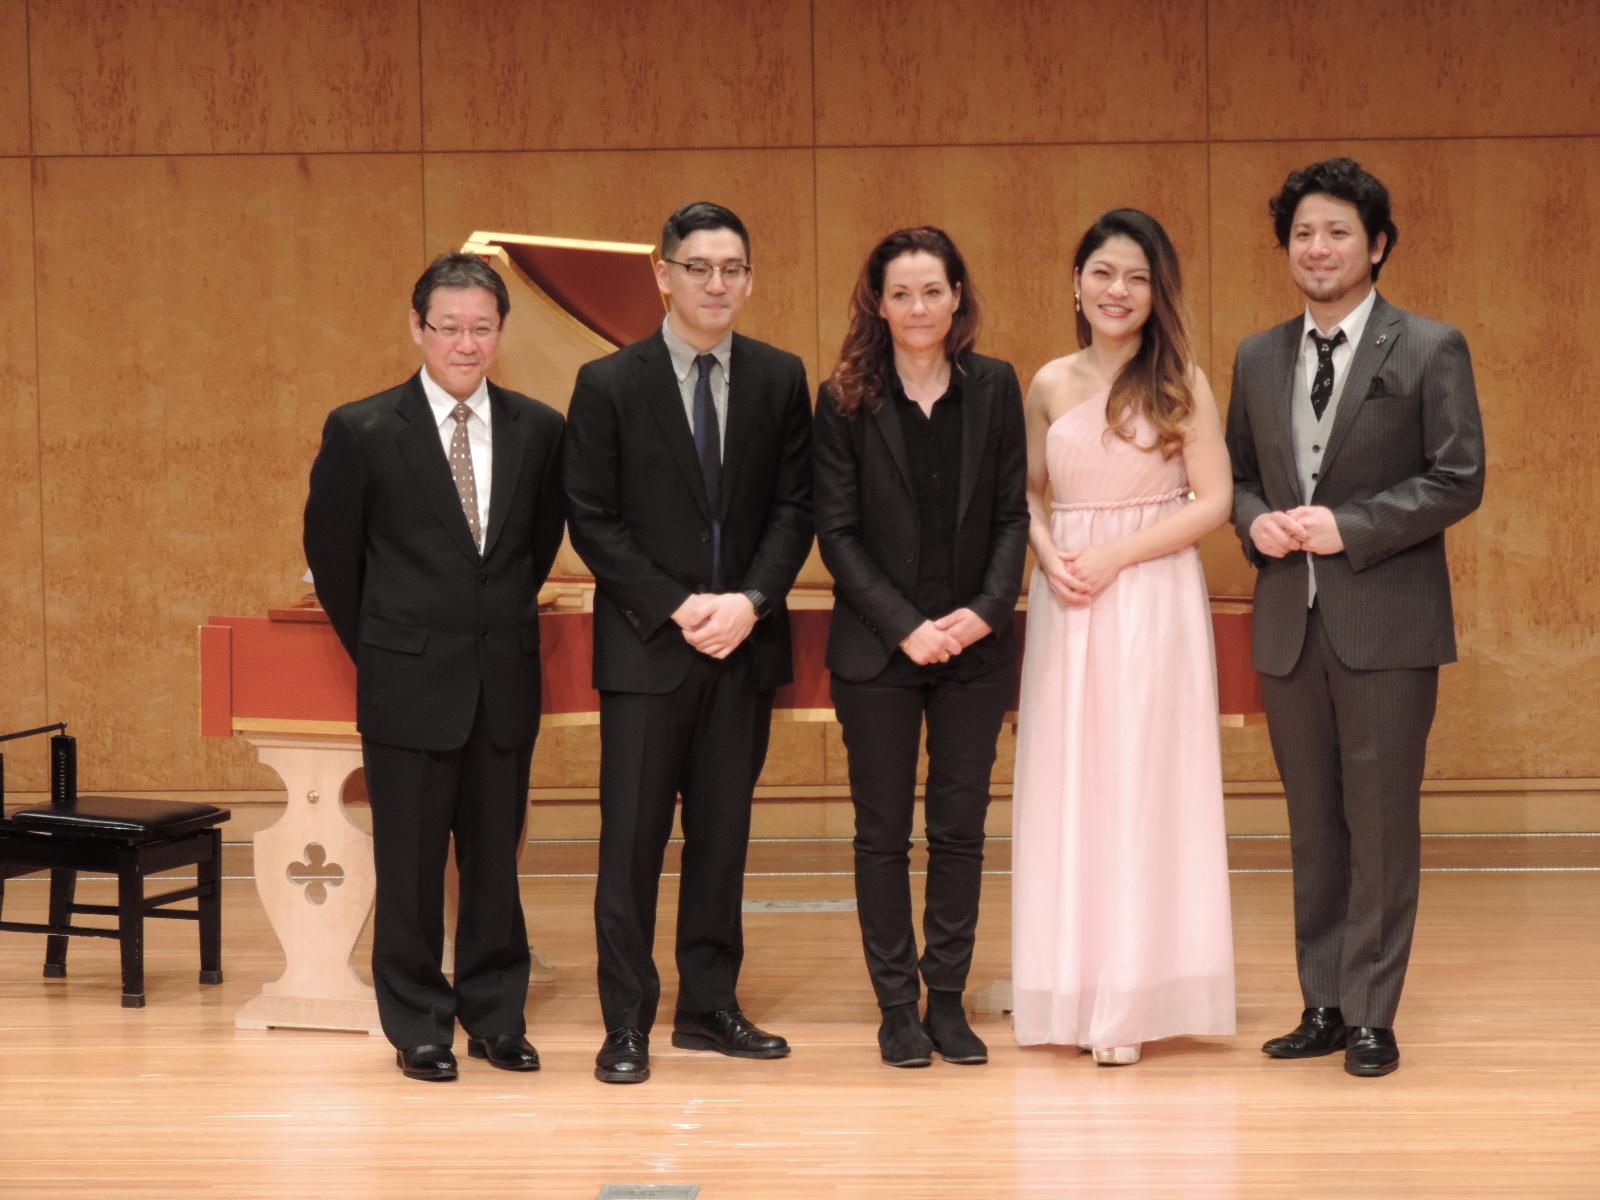 エヴァ・ブッフマン(真ん中)、和田朝妃(右から2番目)、市川浩平(一番右)